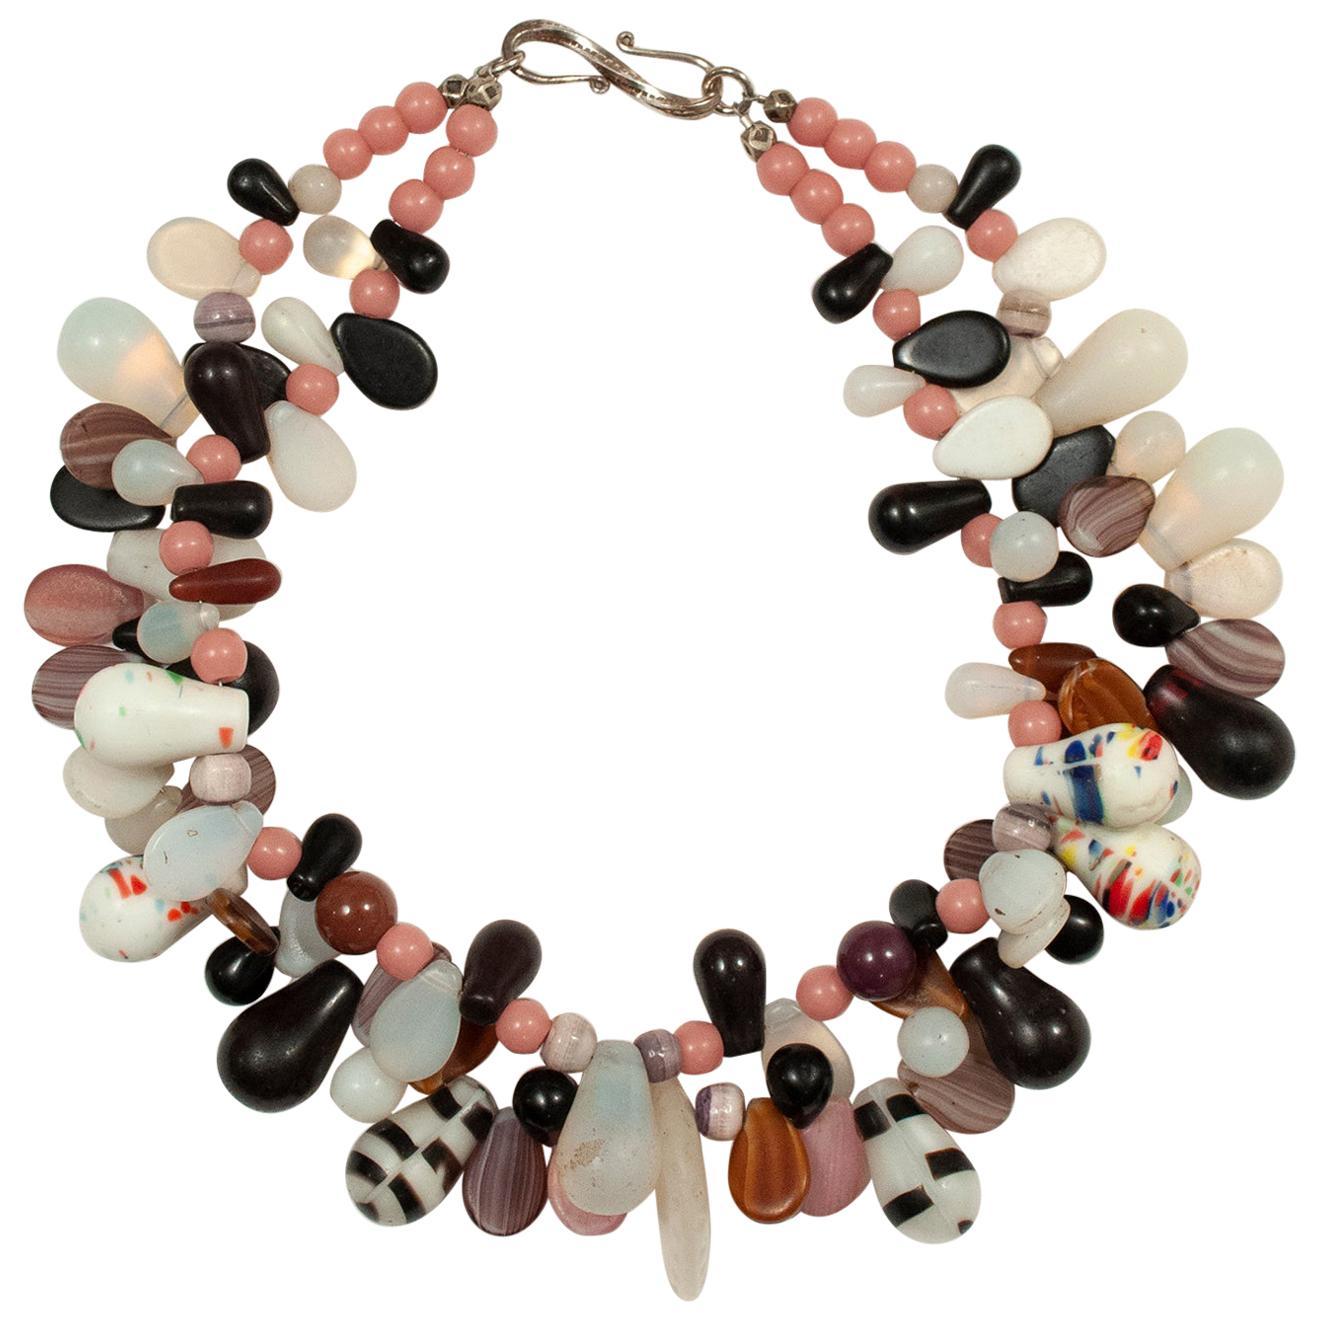 Double Strand Necklace of Pink, Black and White Midcentury Fulani Wedding Beads